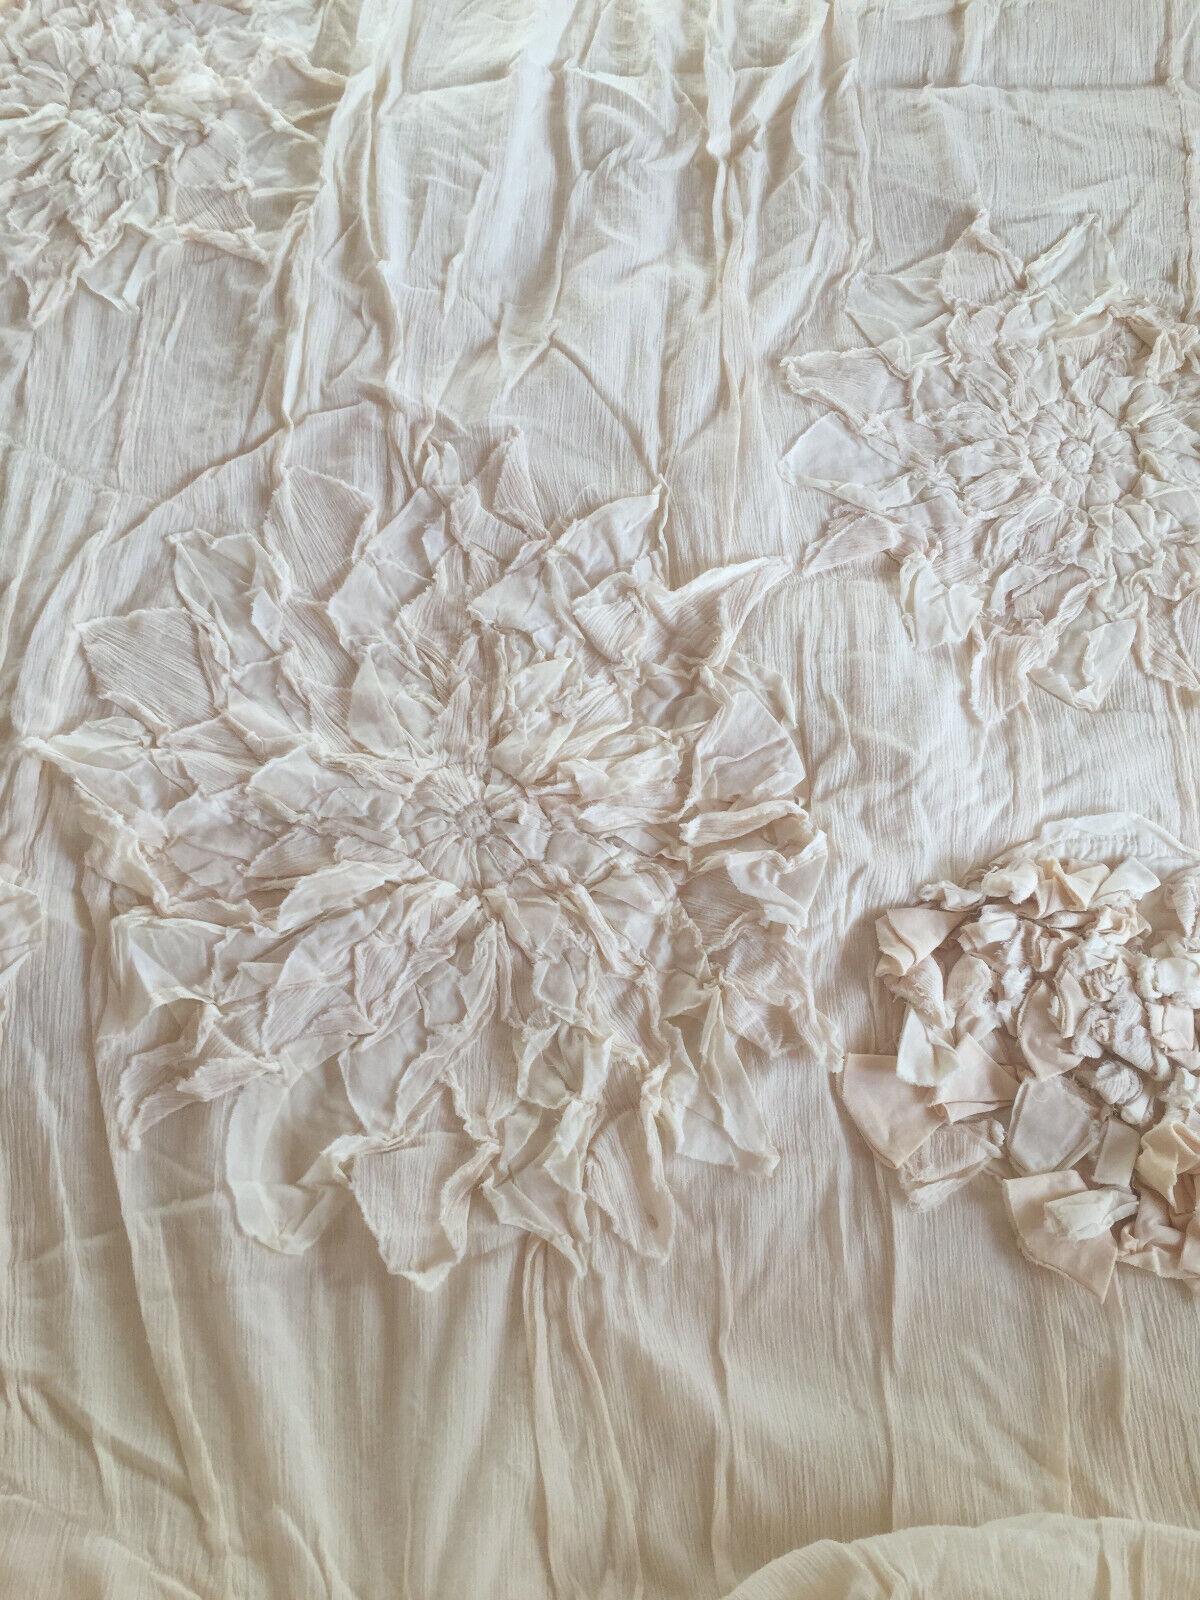 Georgina Bedding Ivory Bettbezug 2,05m X 1,68m von Anthropology